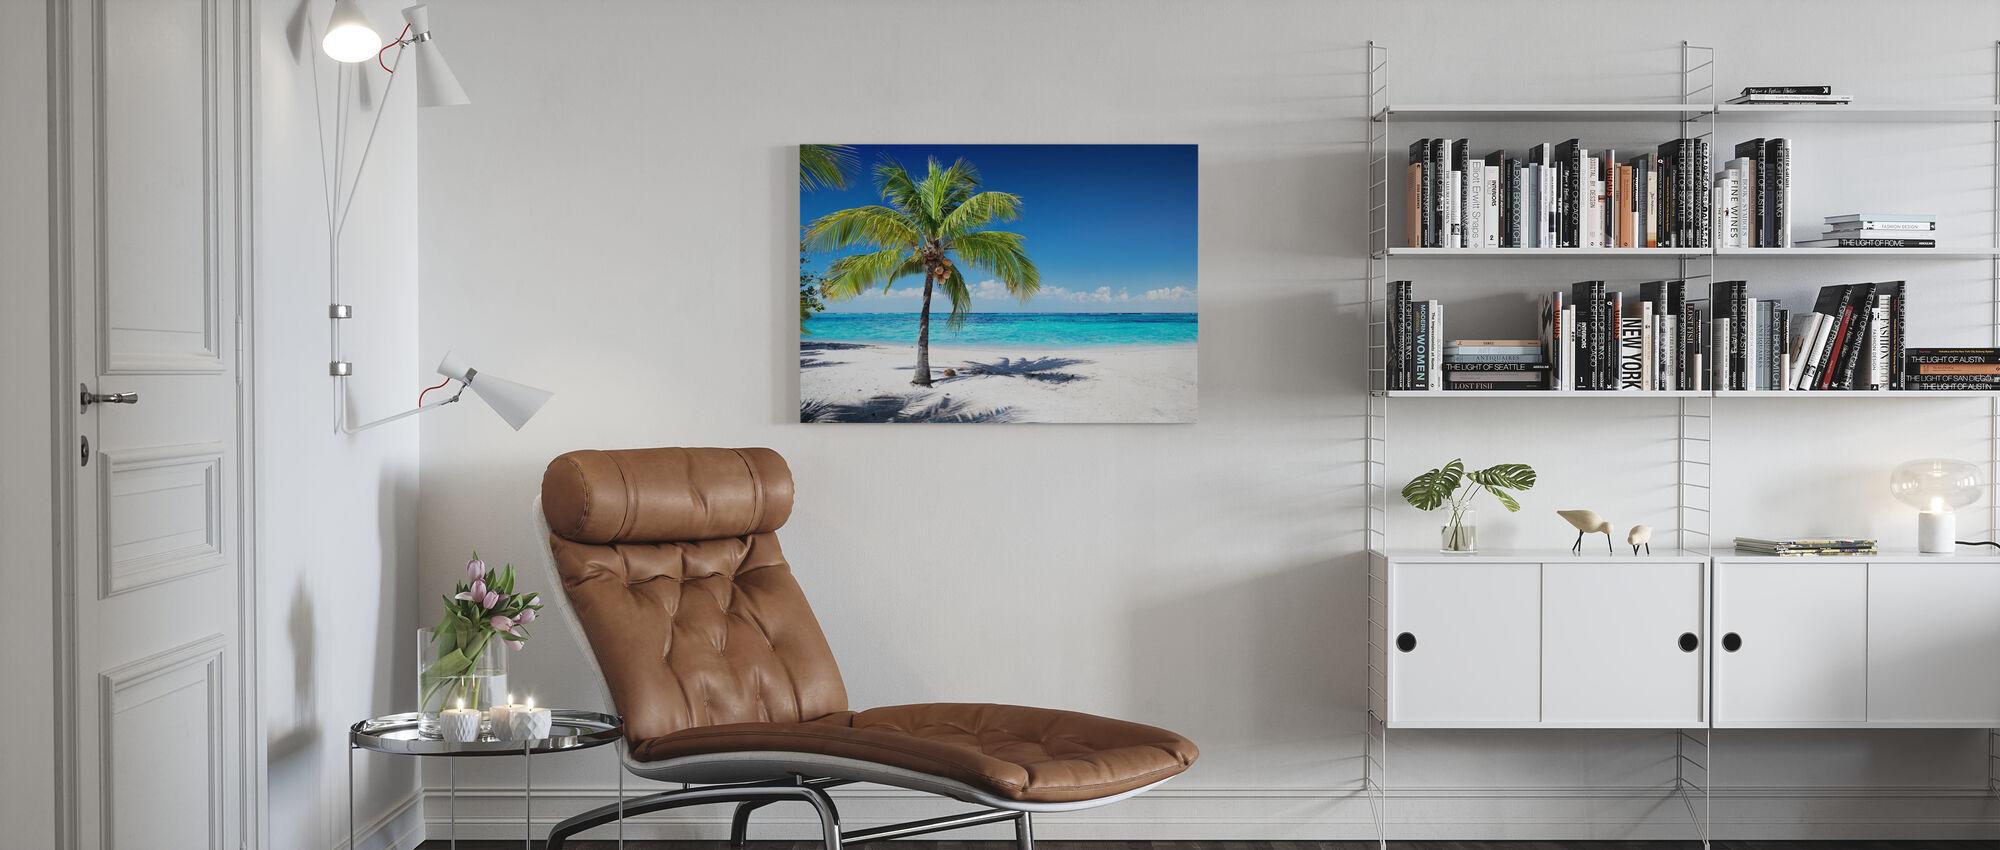 Koraalstrand met palmboom - Canvas print - Woonkamer